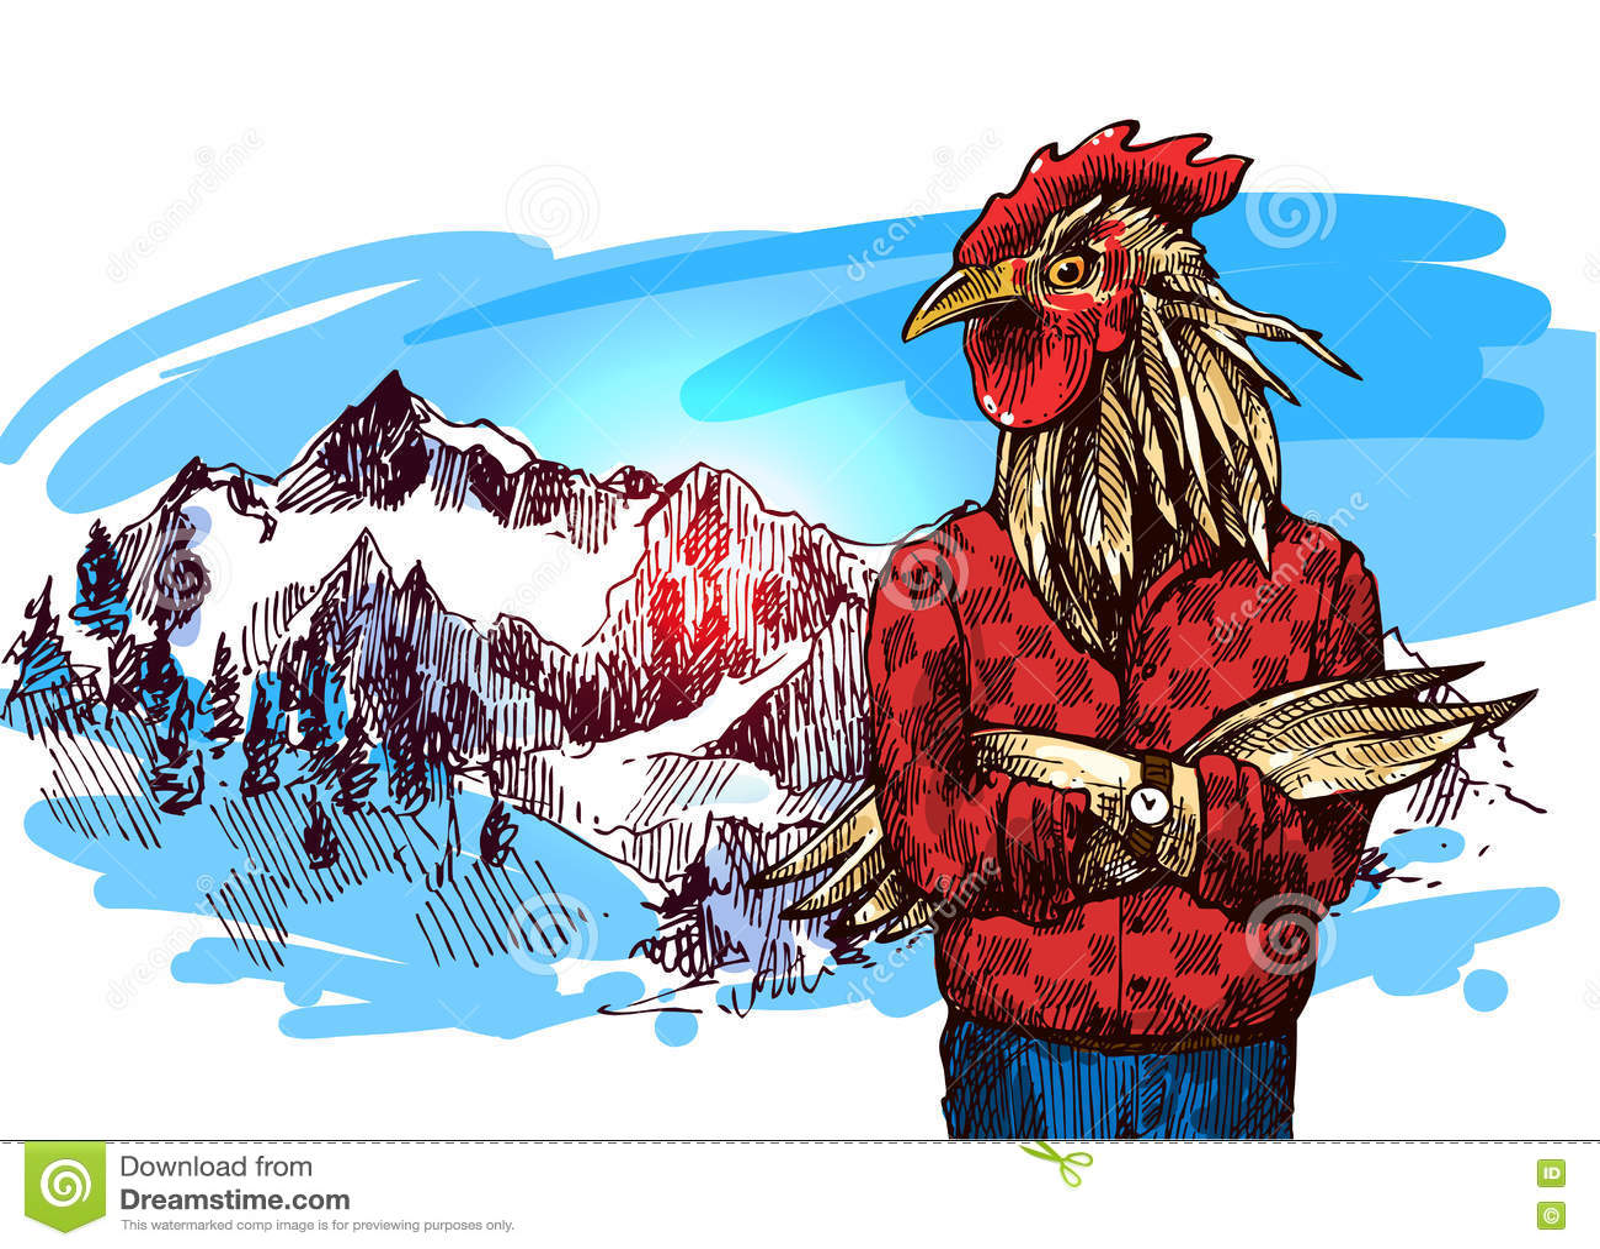 Zwierzęta w górach